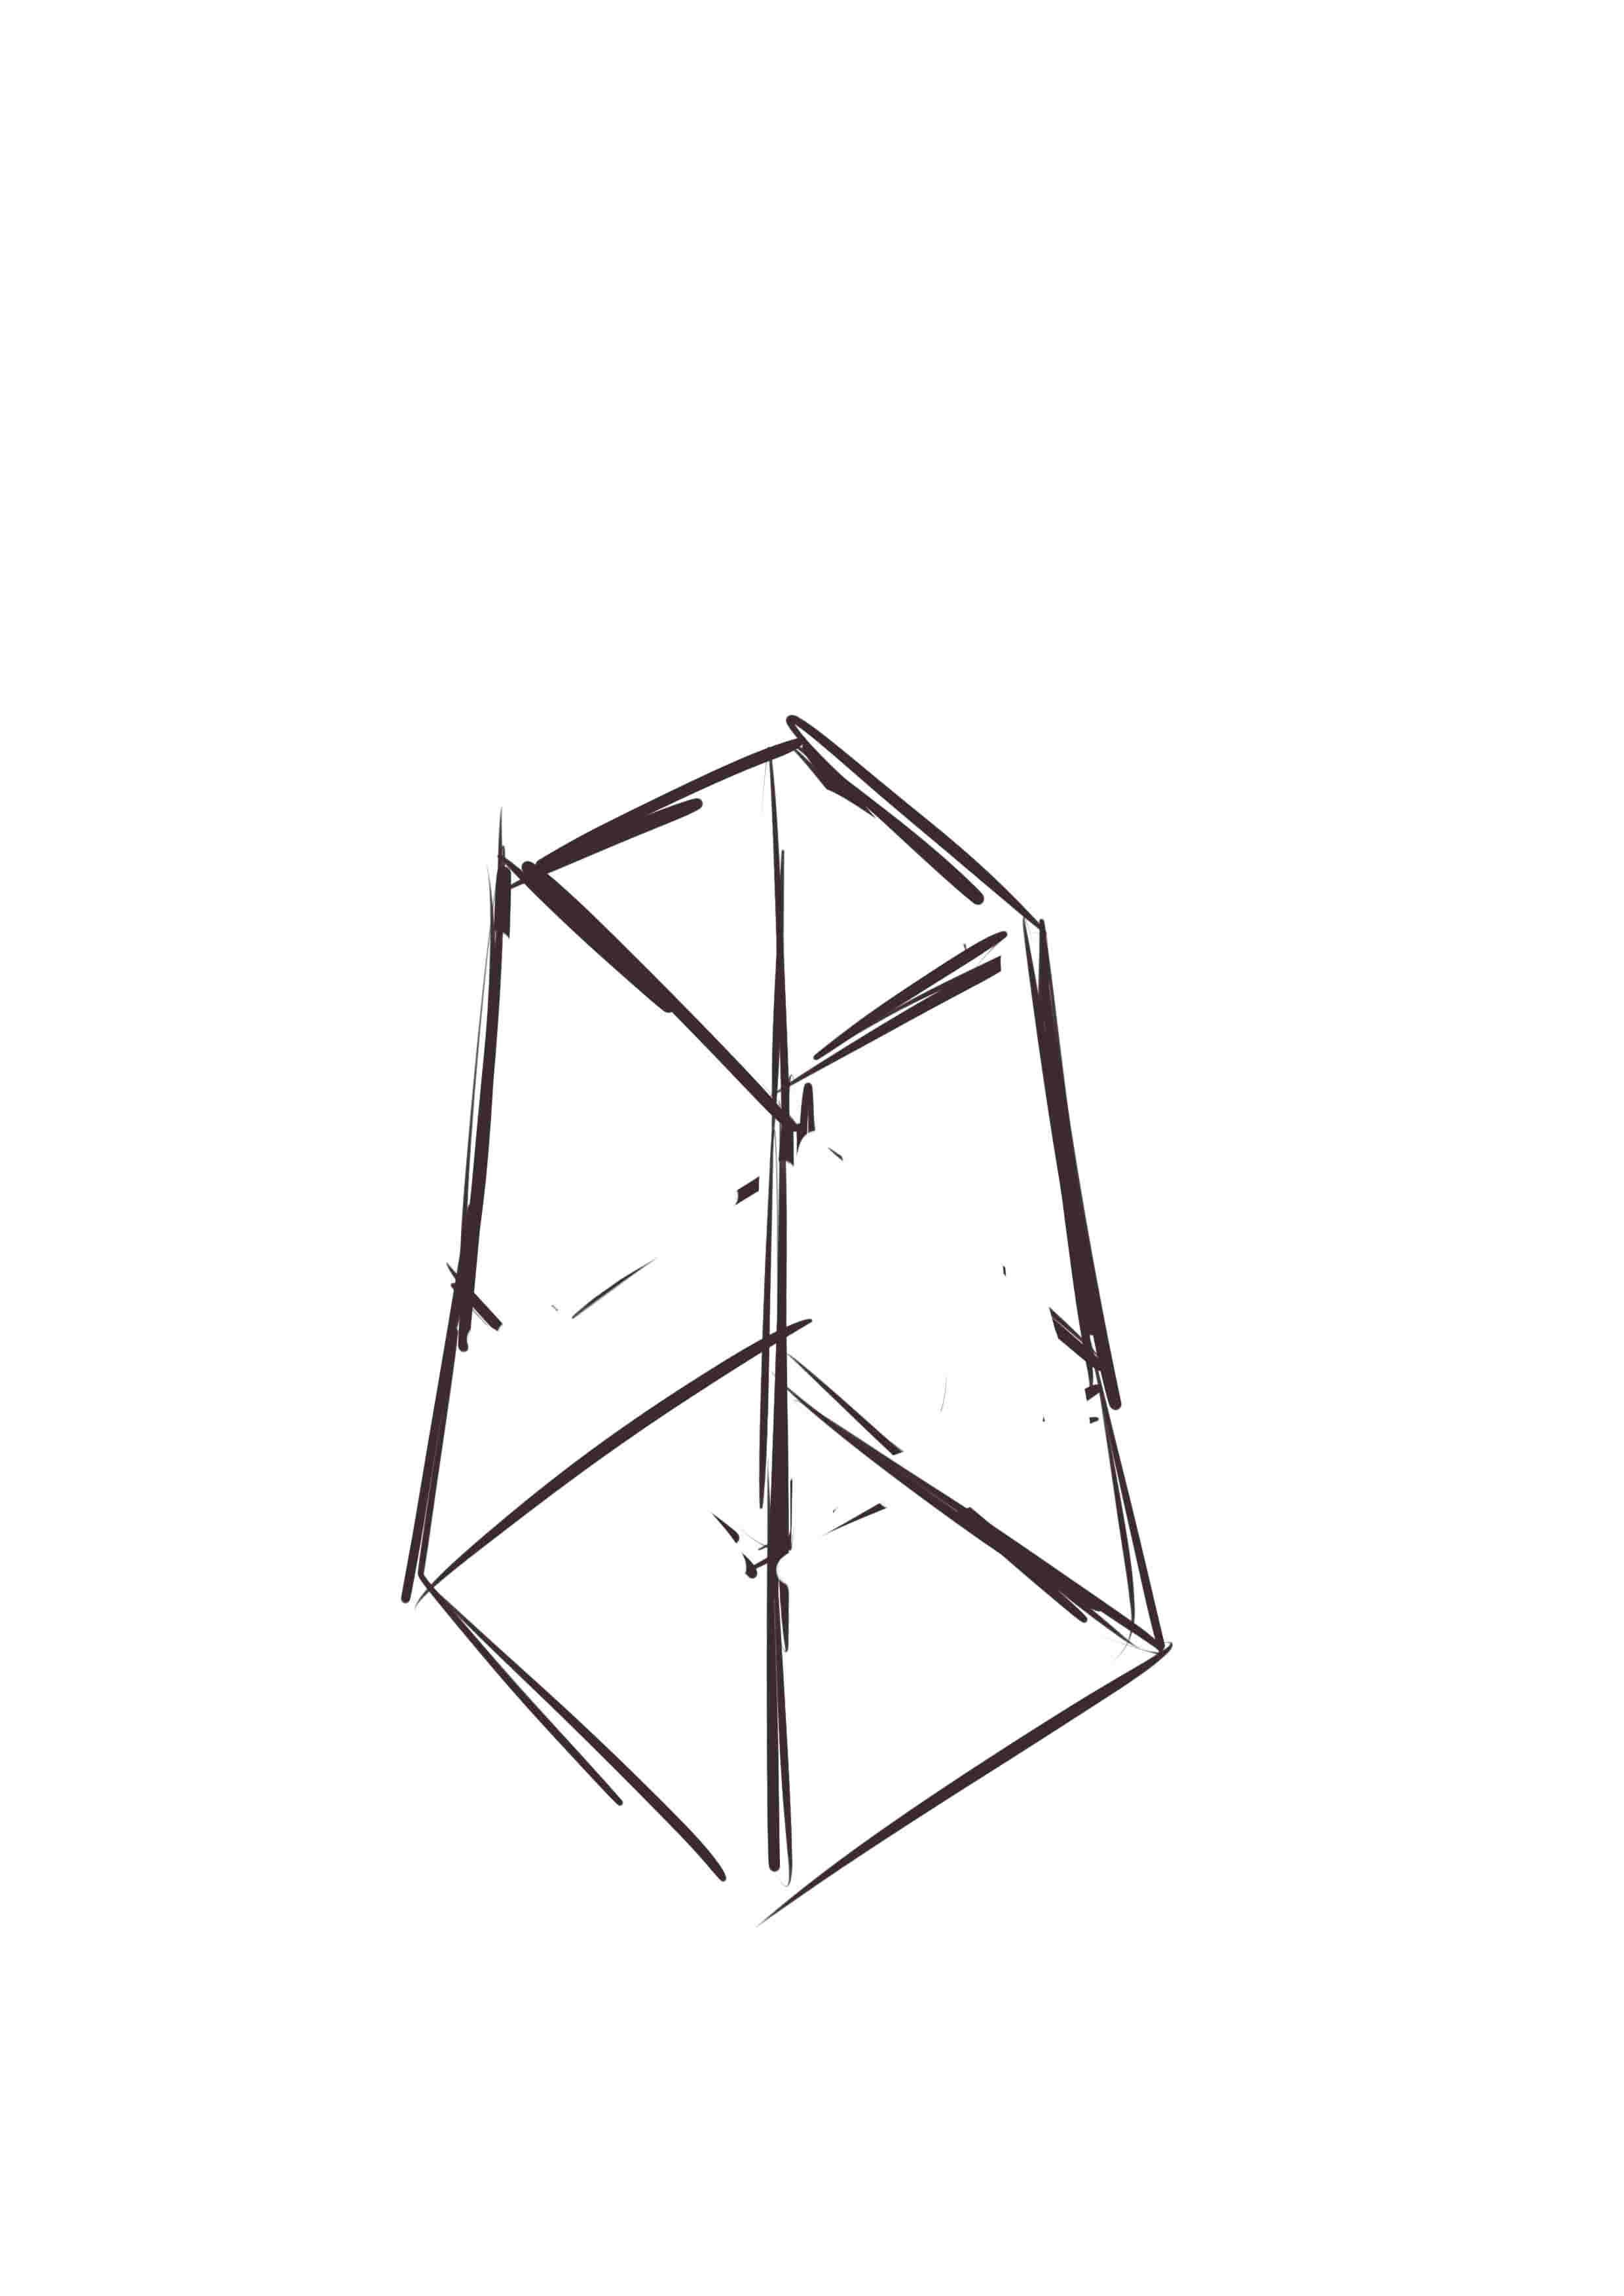 凳子设计图-木工凳子设计图|简易小板凳设计图|板凳设计图|小凳子设计图片